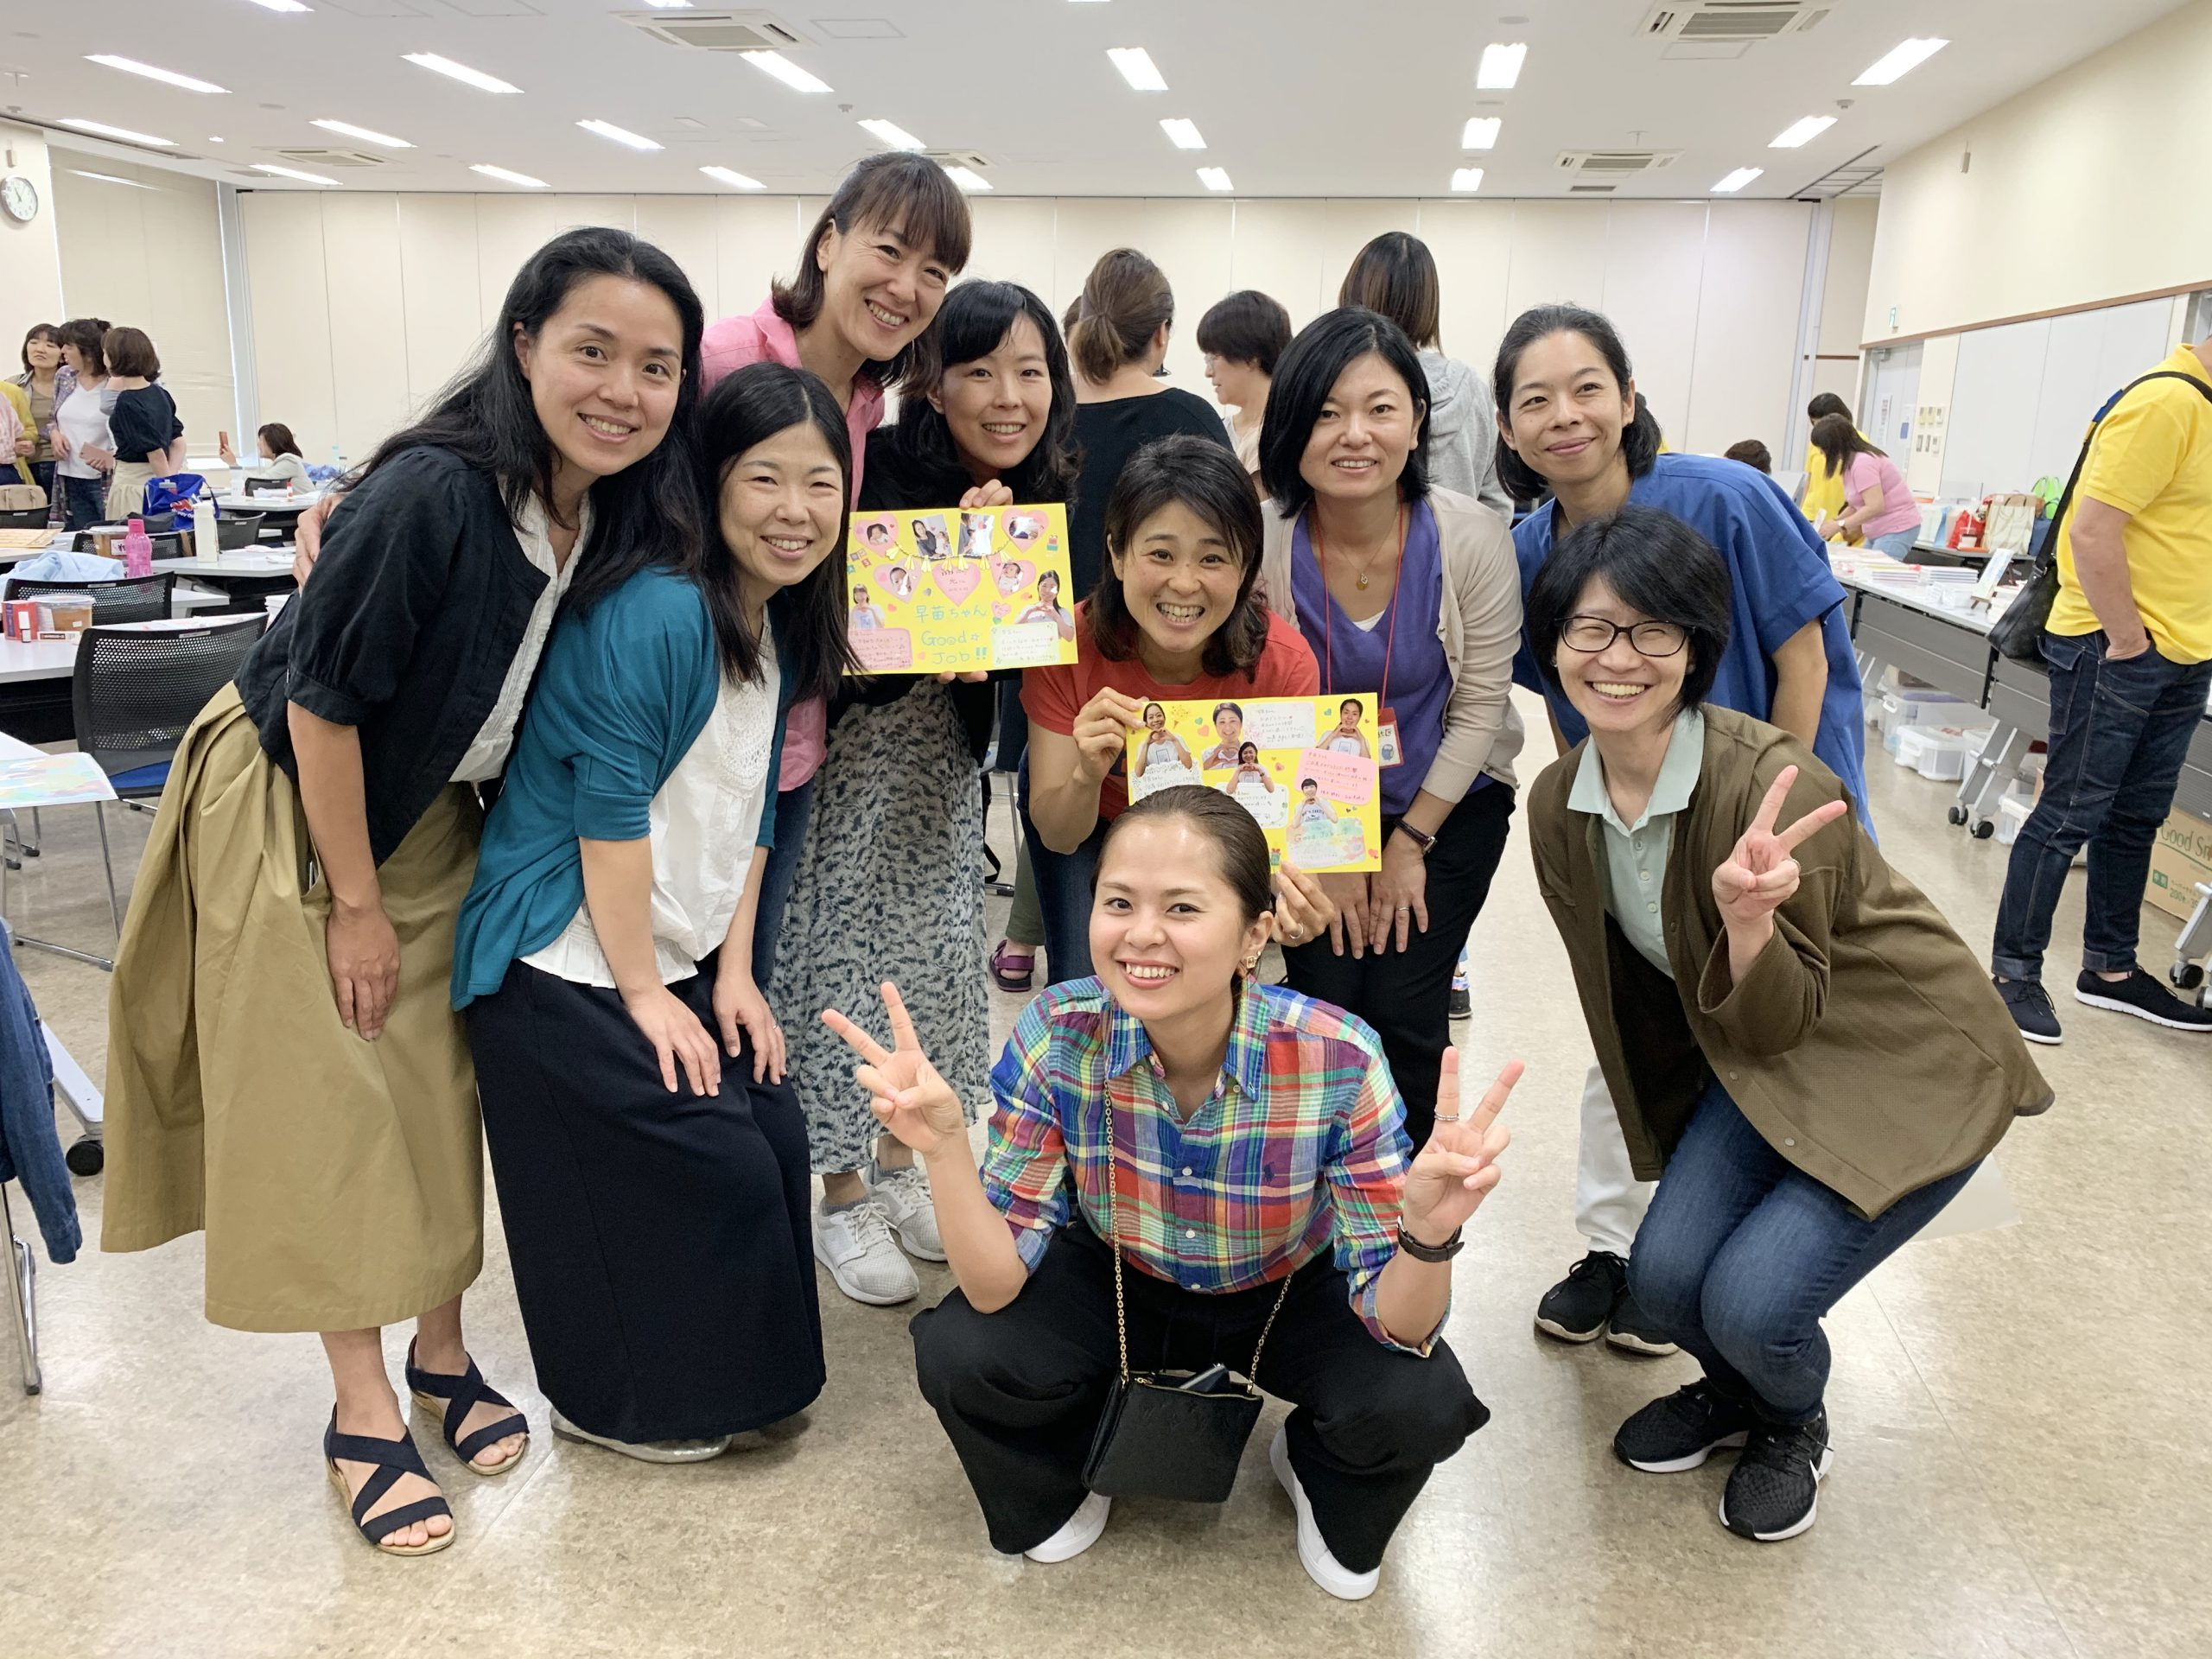 〜5月〜7月のまとめ!自愛〜 1010HAPPY藤沢 Fグループ感想